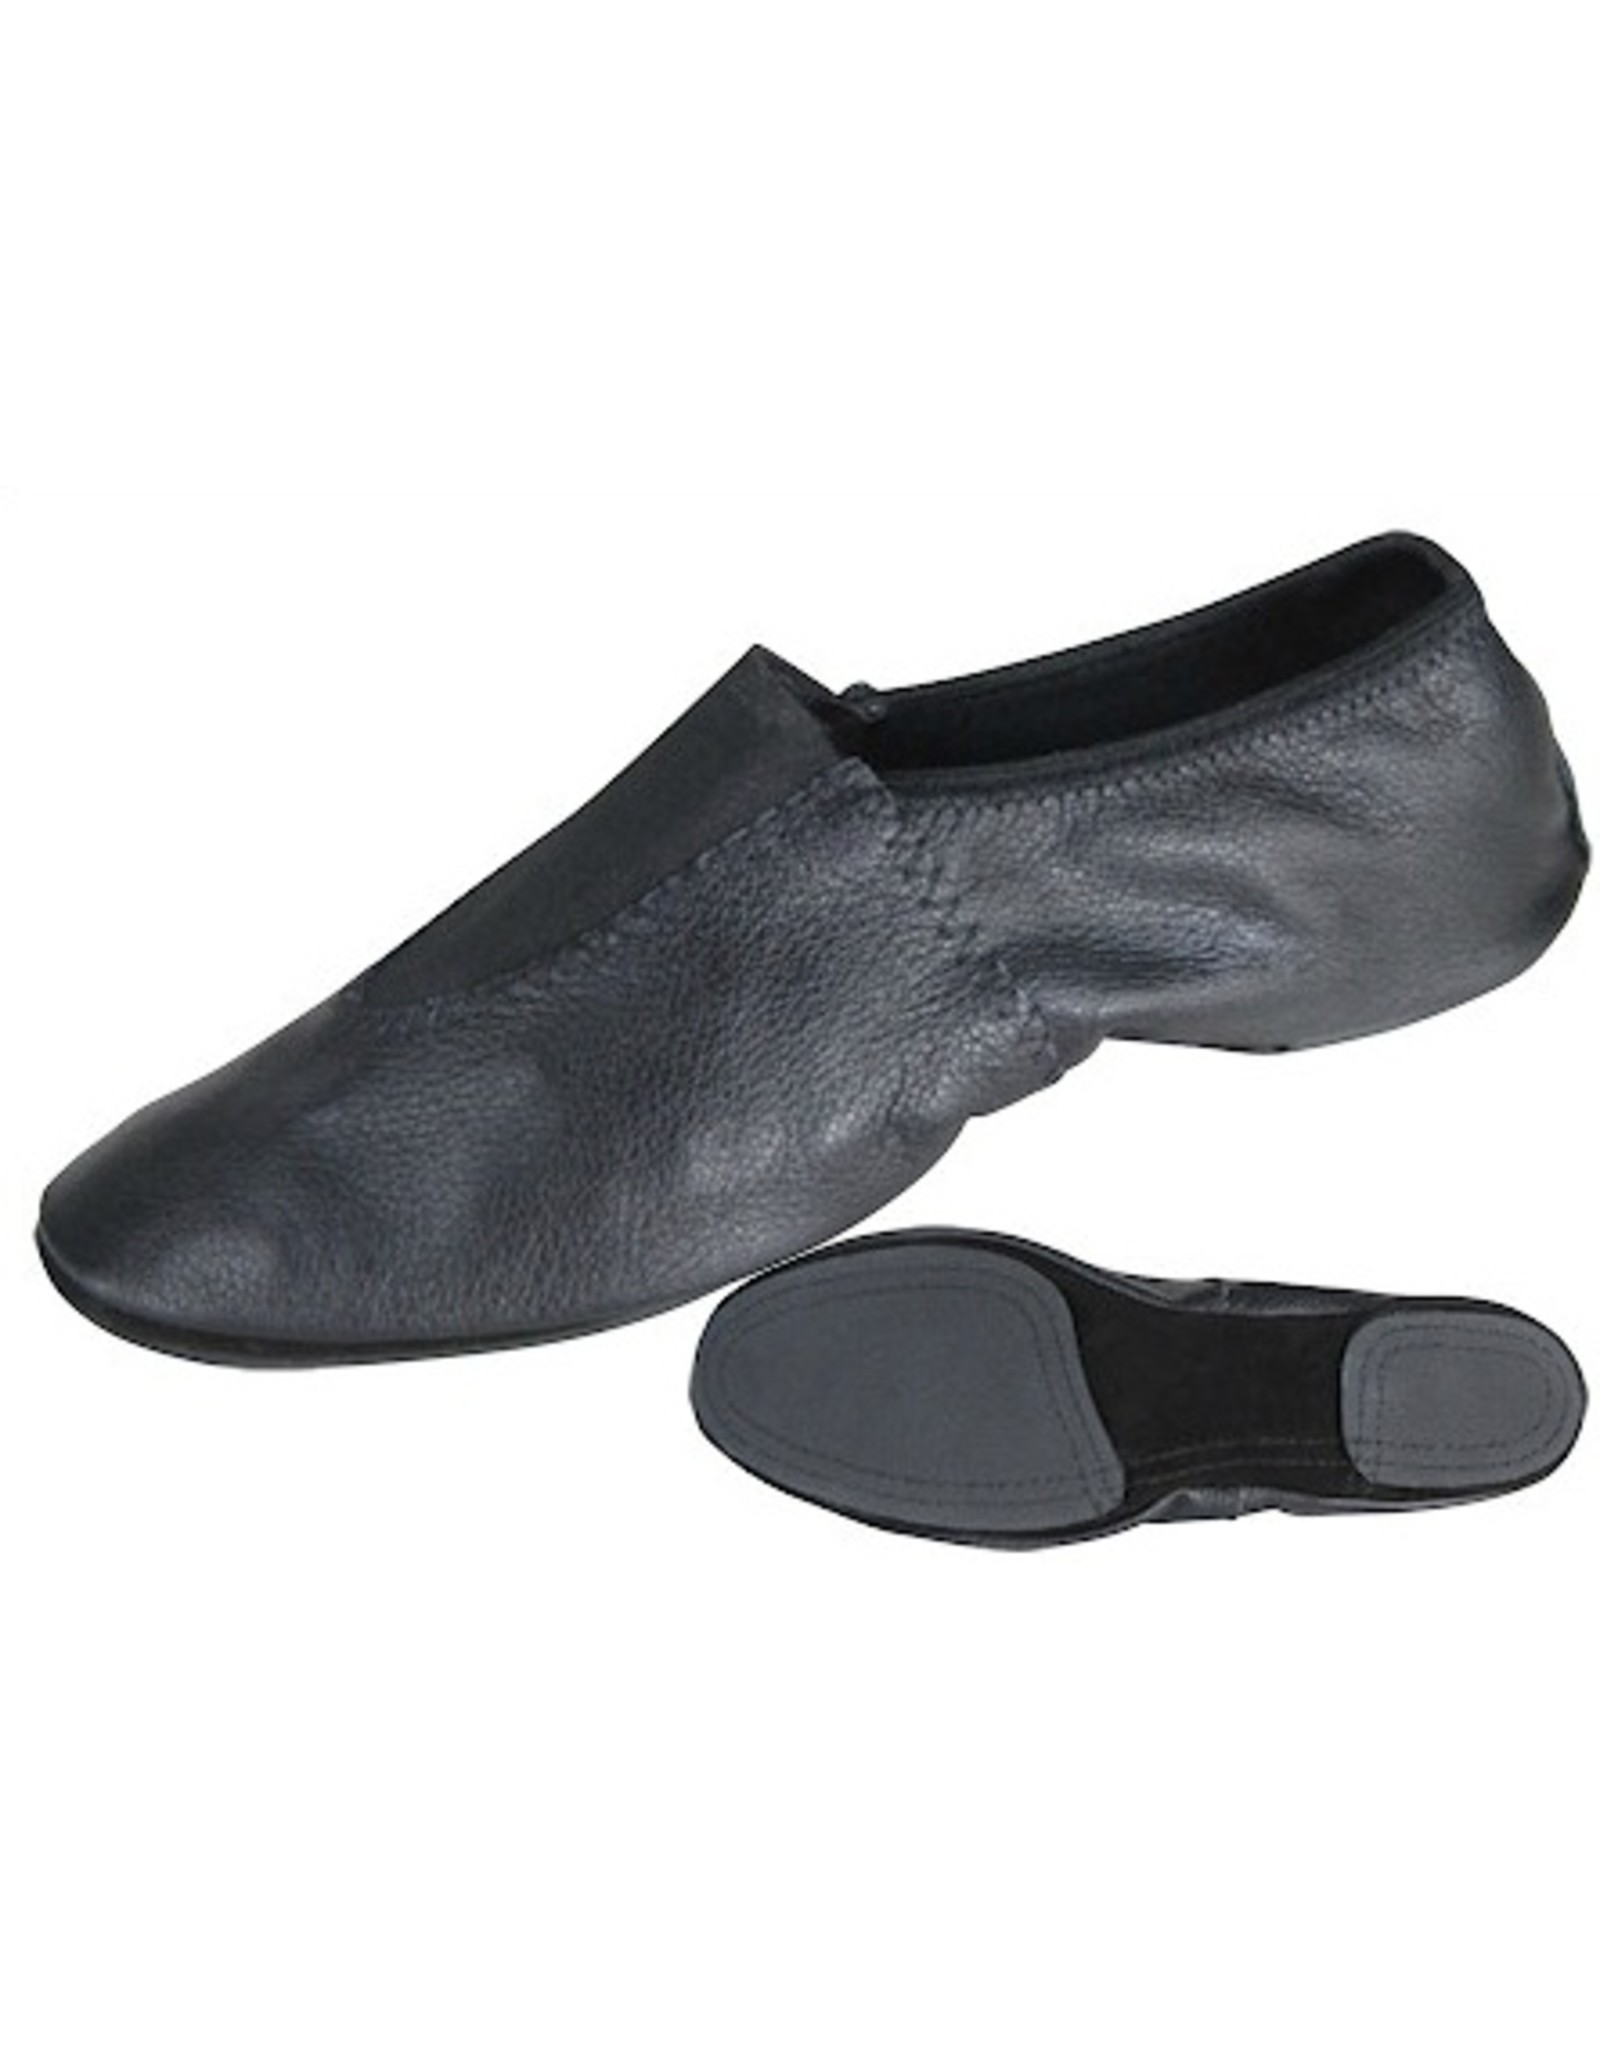 Danshuz Gymnastic Shoe